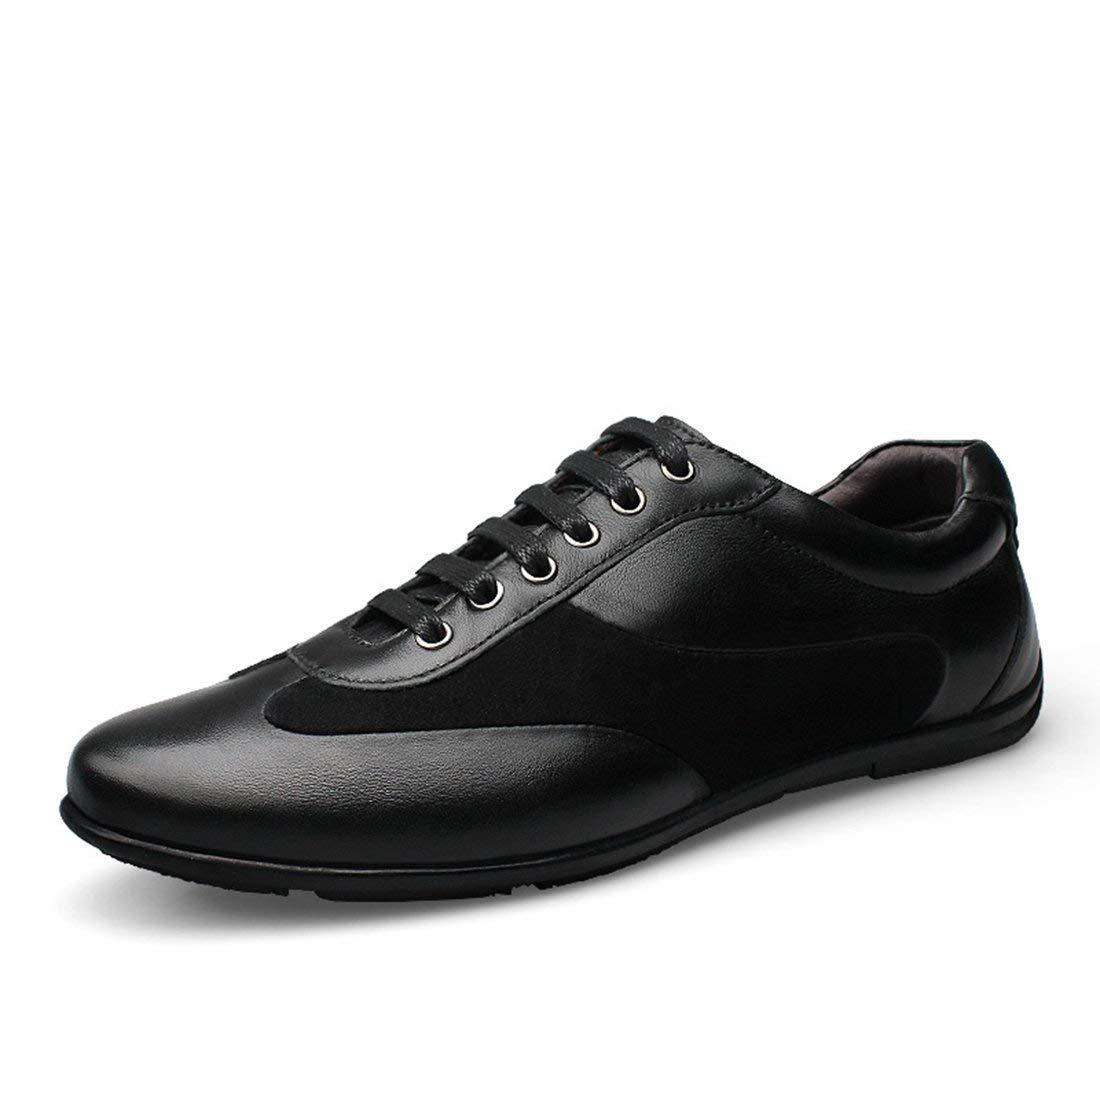 HhGold Jungen-Männer Zweifarbige Zweifarbige Zweifarbige Klassische Schwarze Schnür-tägliche Turnschuhe UK 8 (Farbe   -, Größe   -) e322f6